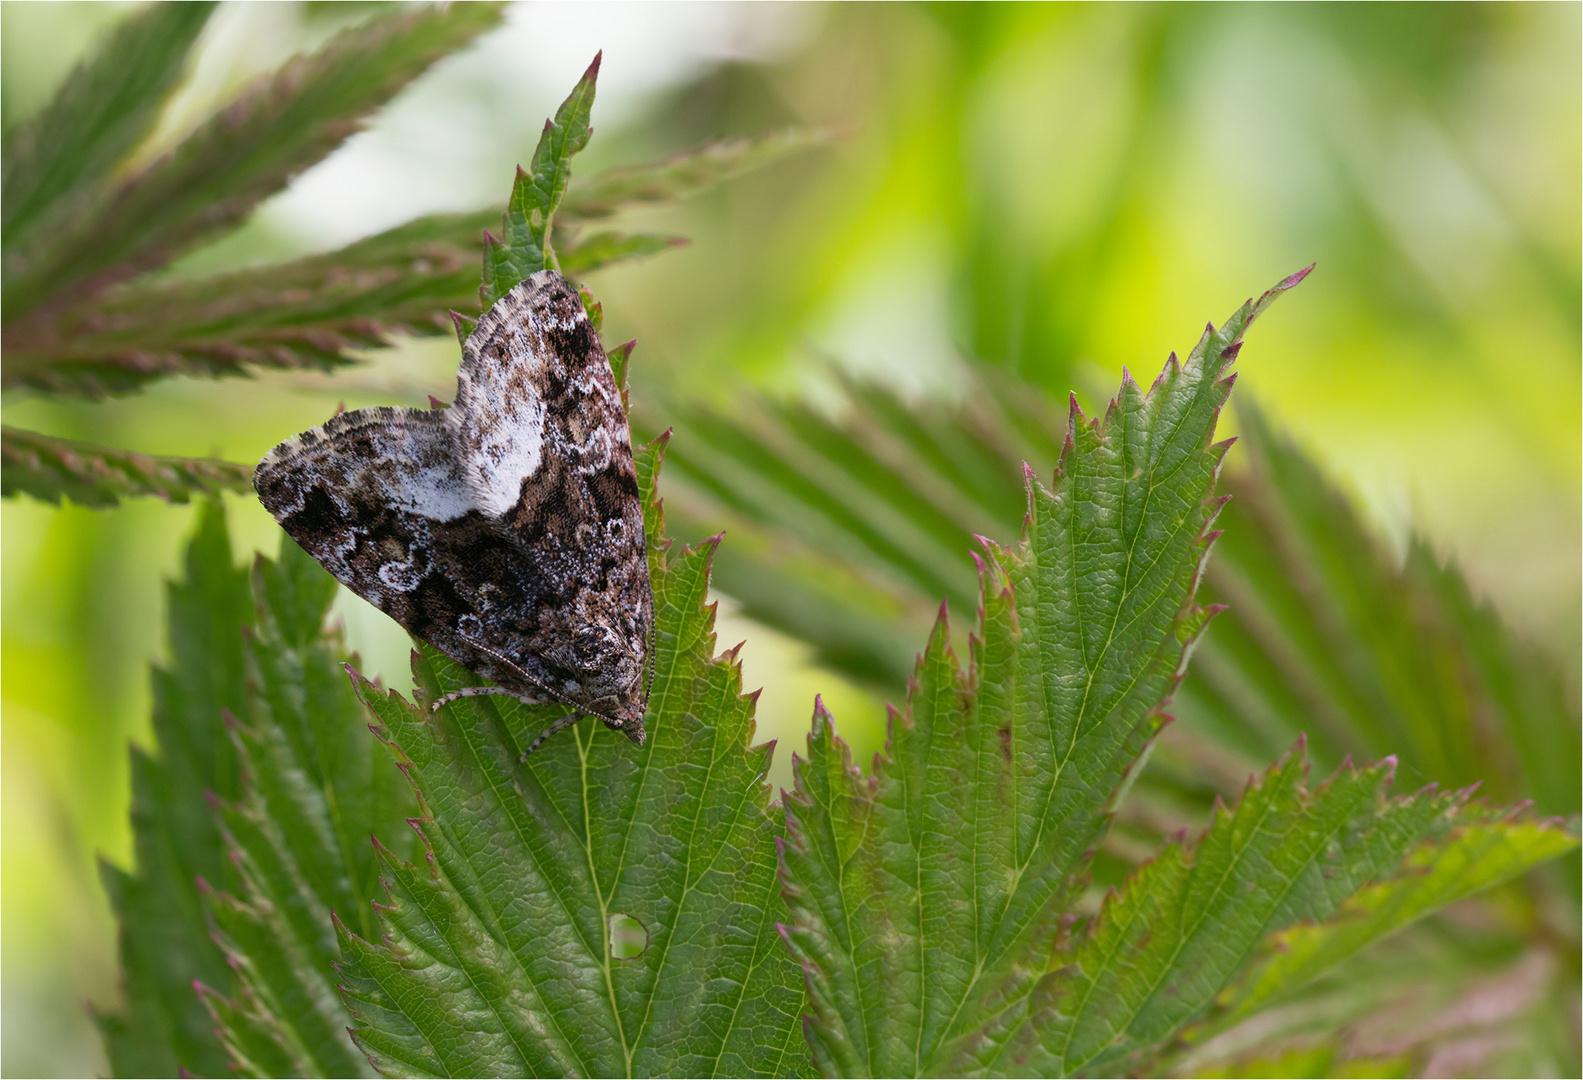 Waldrasen-Grasmotteneulchen